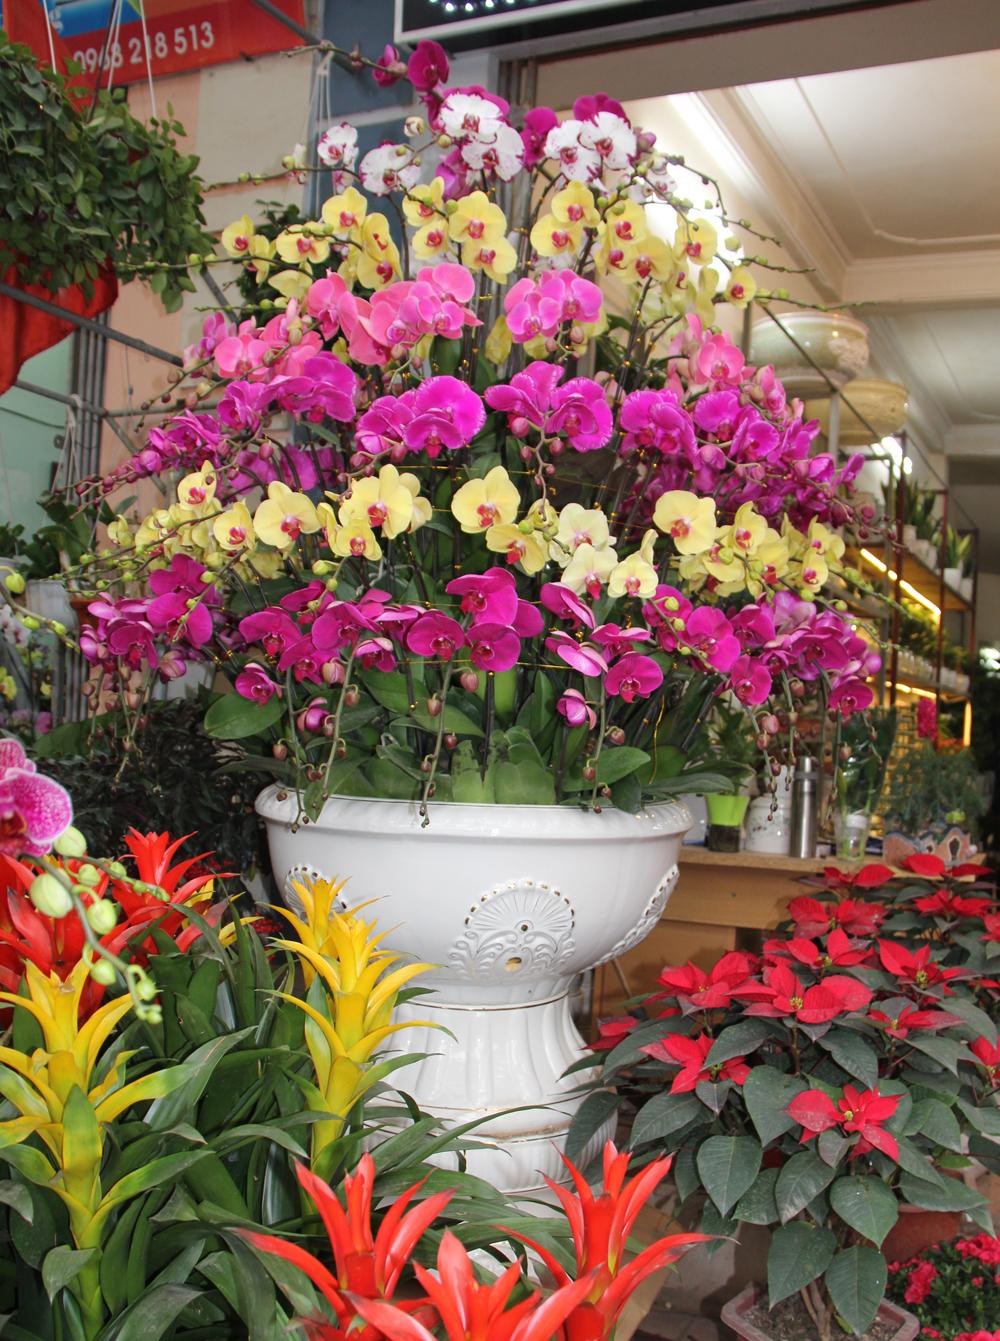 Hoa, cây cảnh, đào, quất thế, bưởi cảnh, xuống phố, lan, mai vàng, mai đỏ, mai trắng